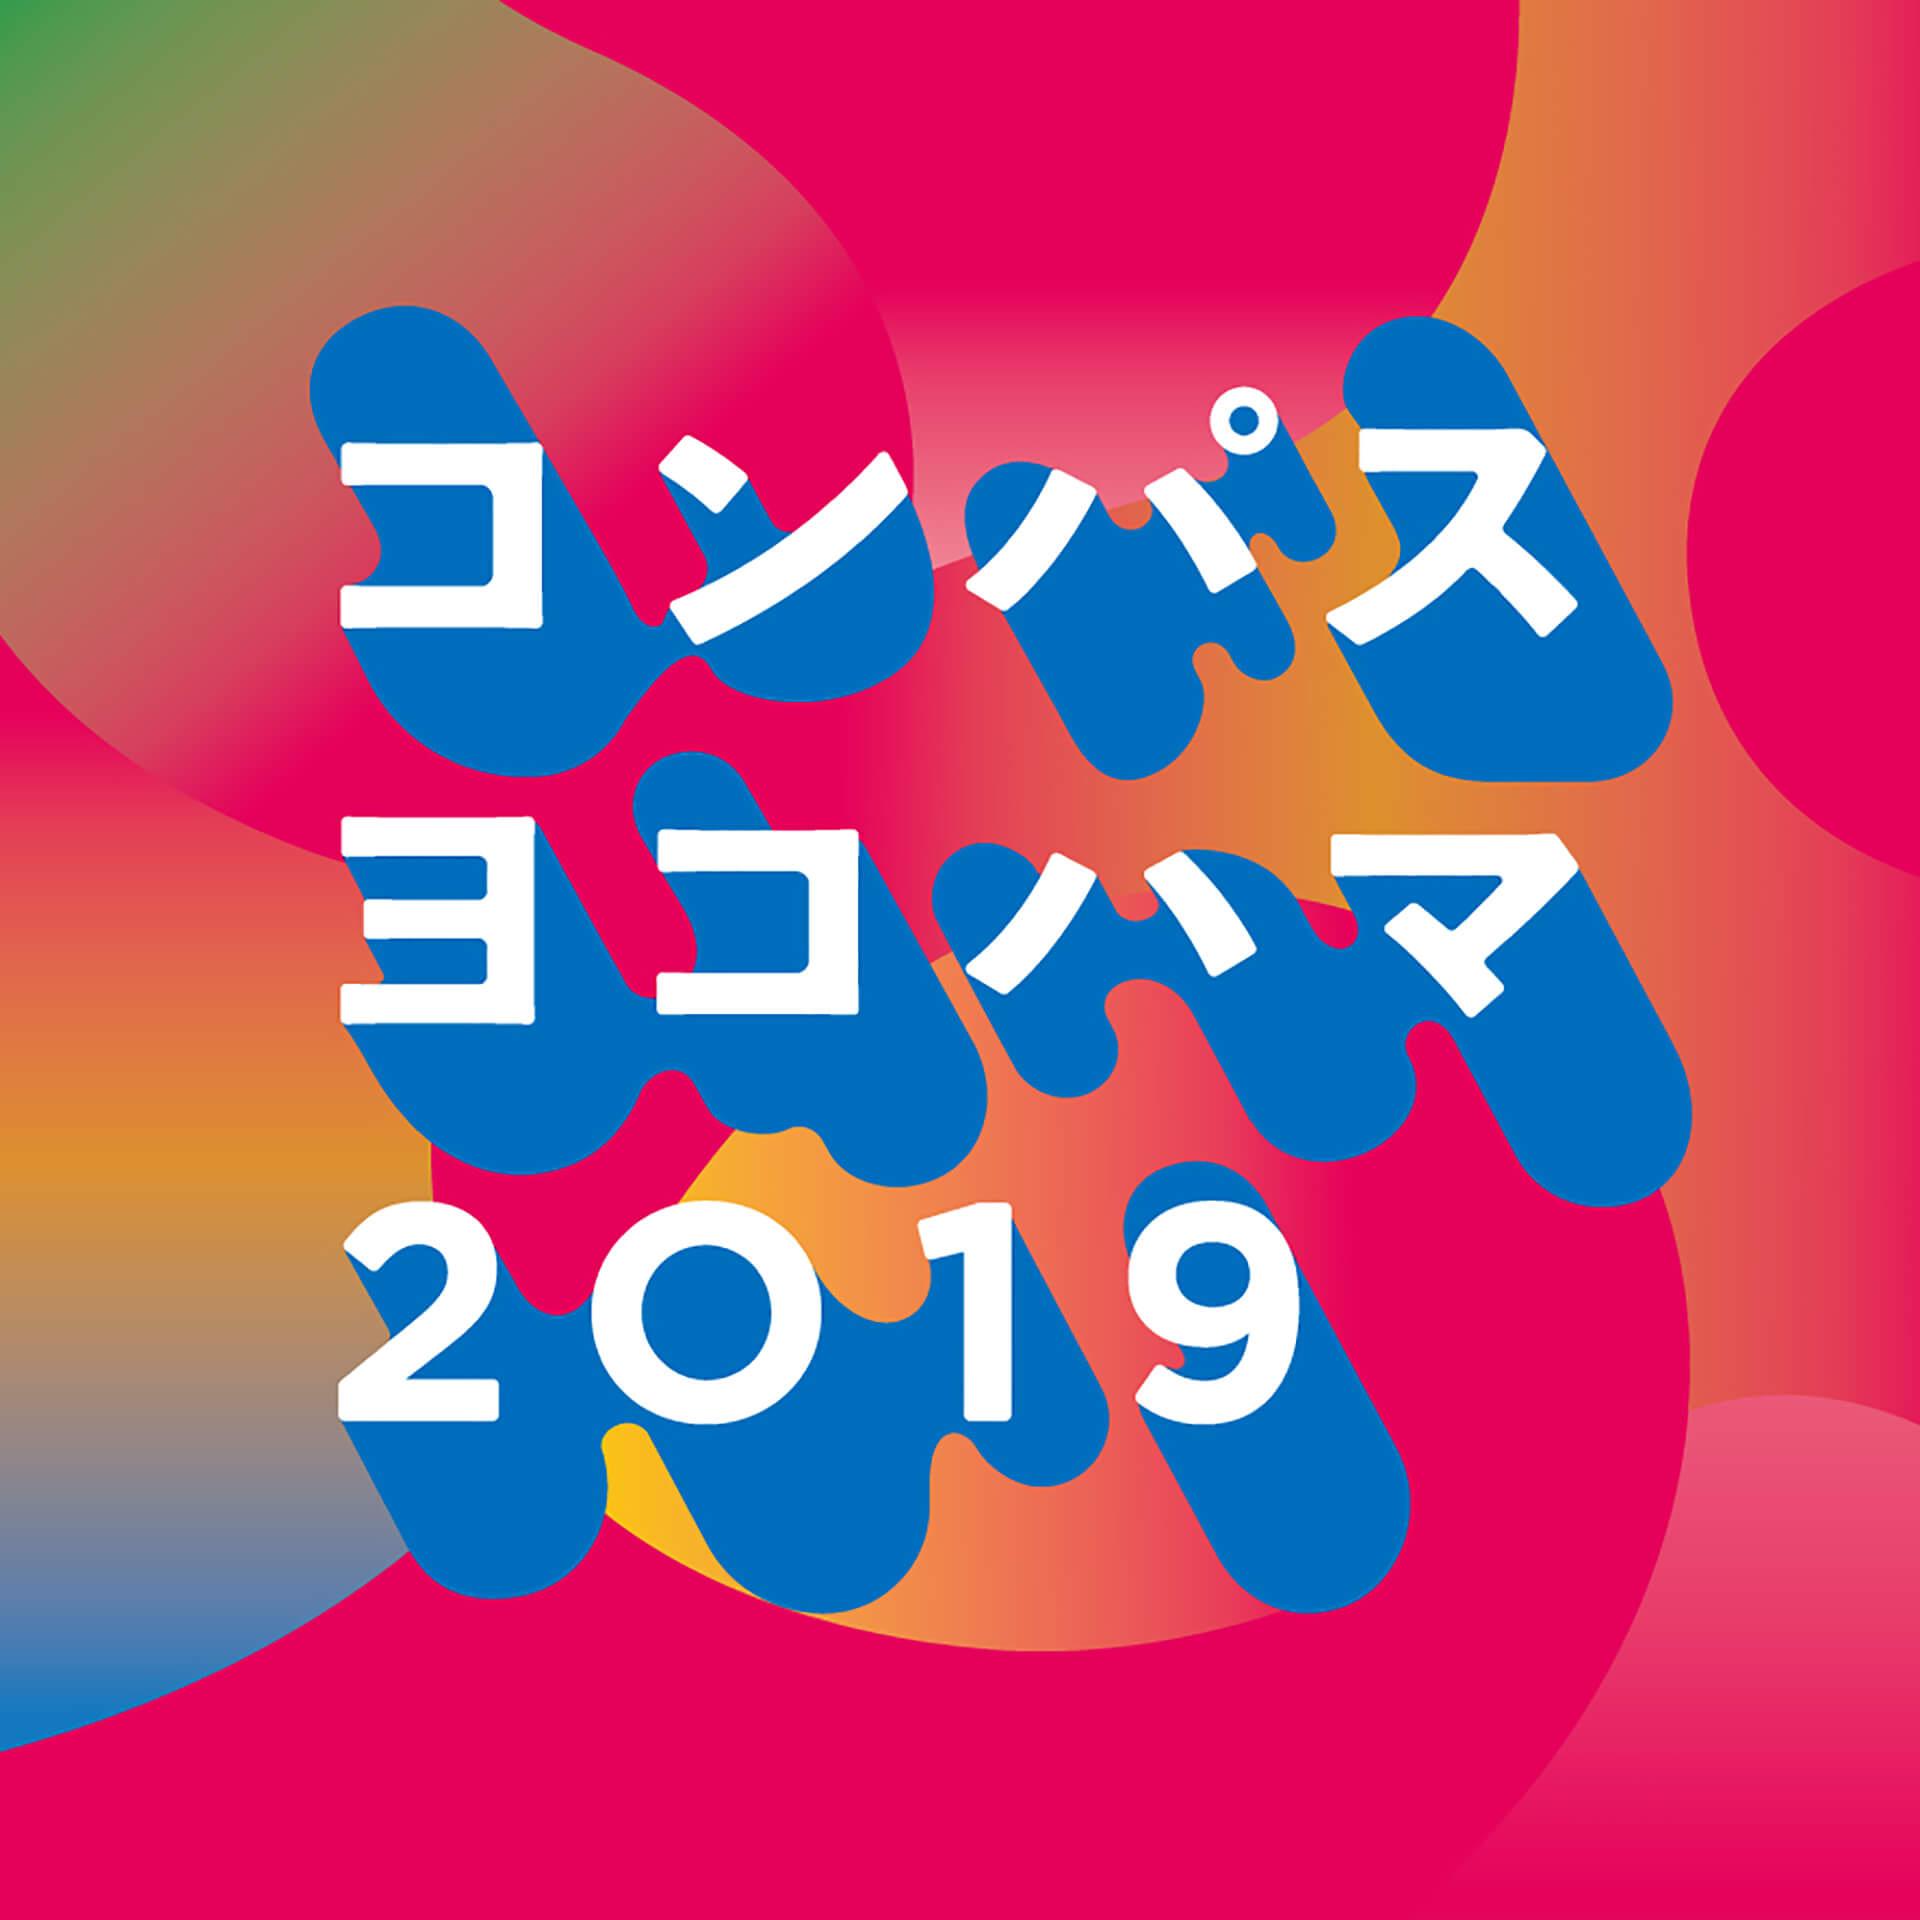 コンパス ヨコハマ 2019メインビジュアル・文字のみ